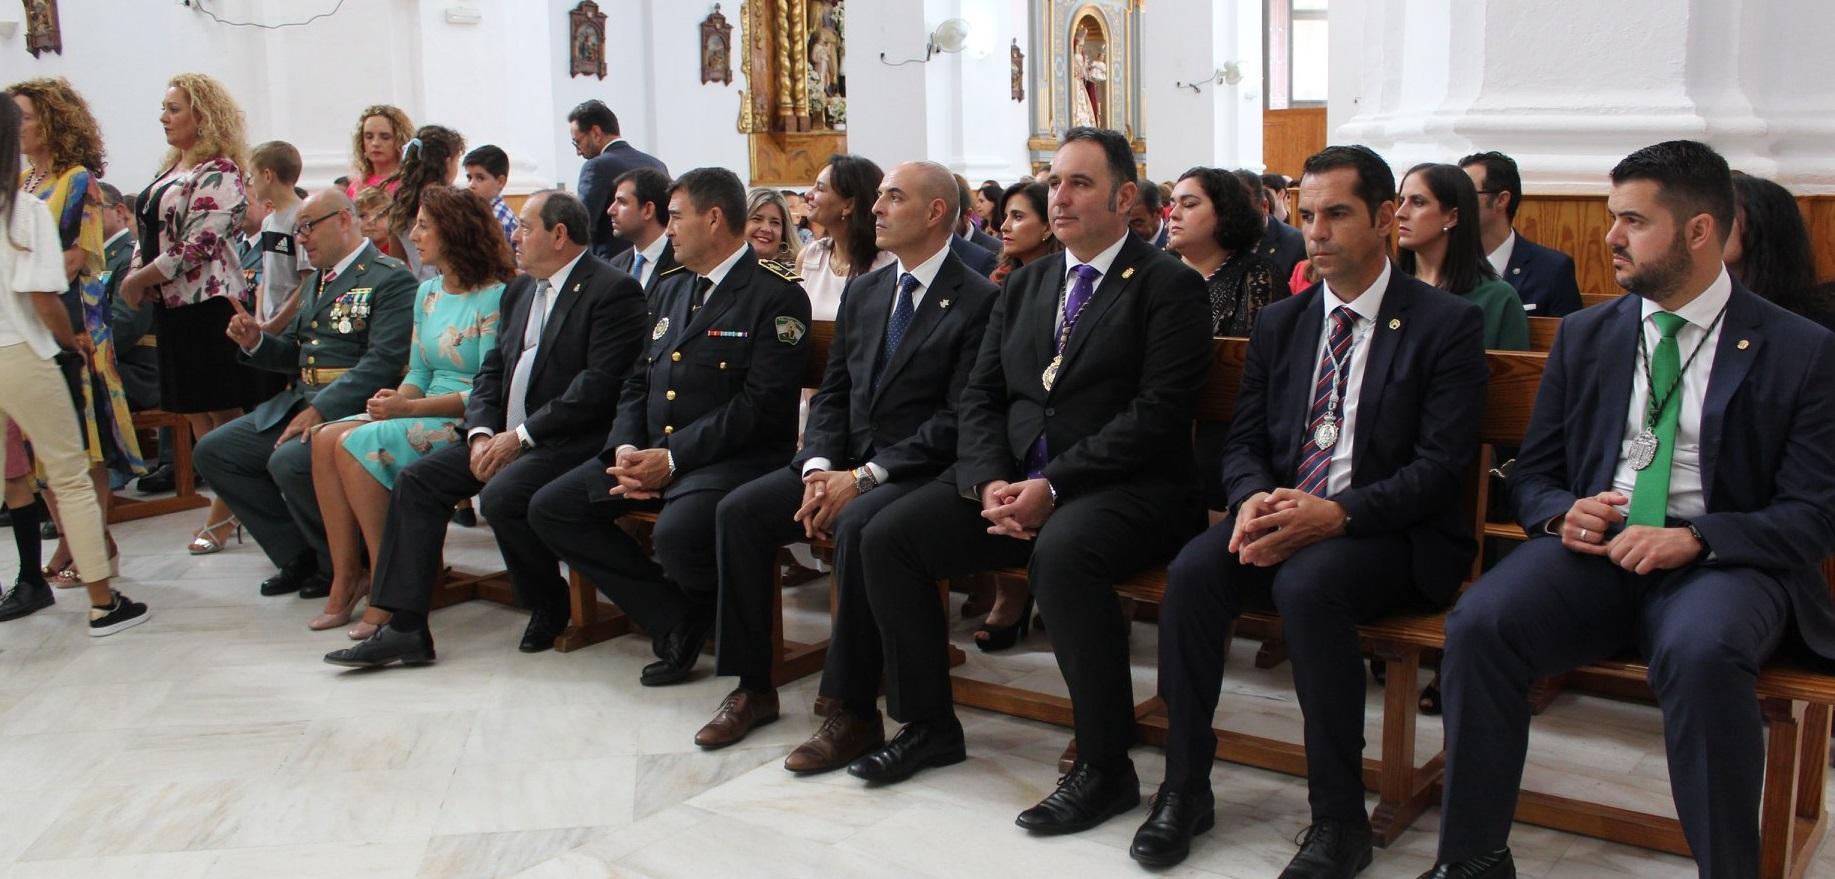 Dia del Pilar 2019 parallax